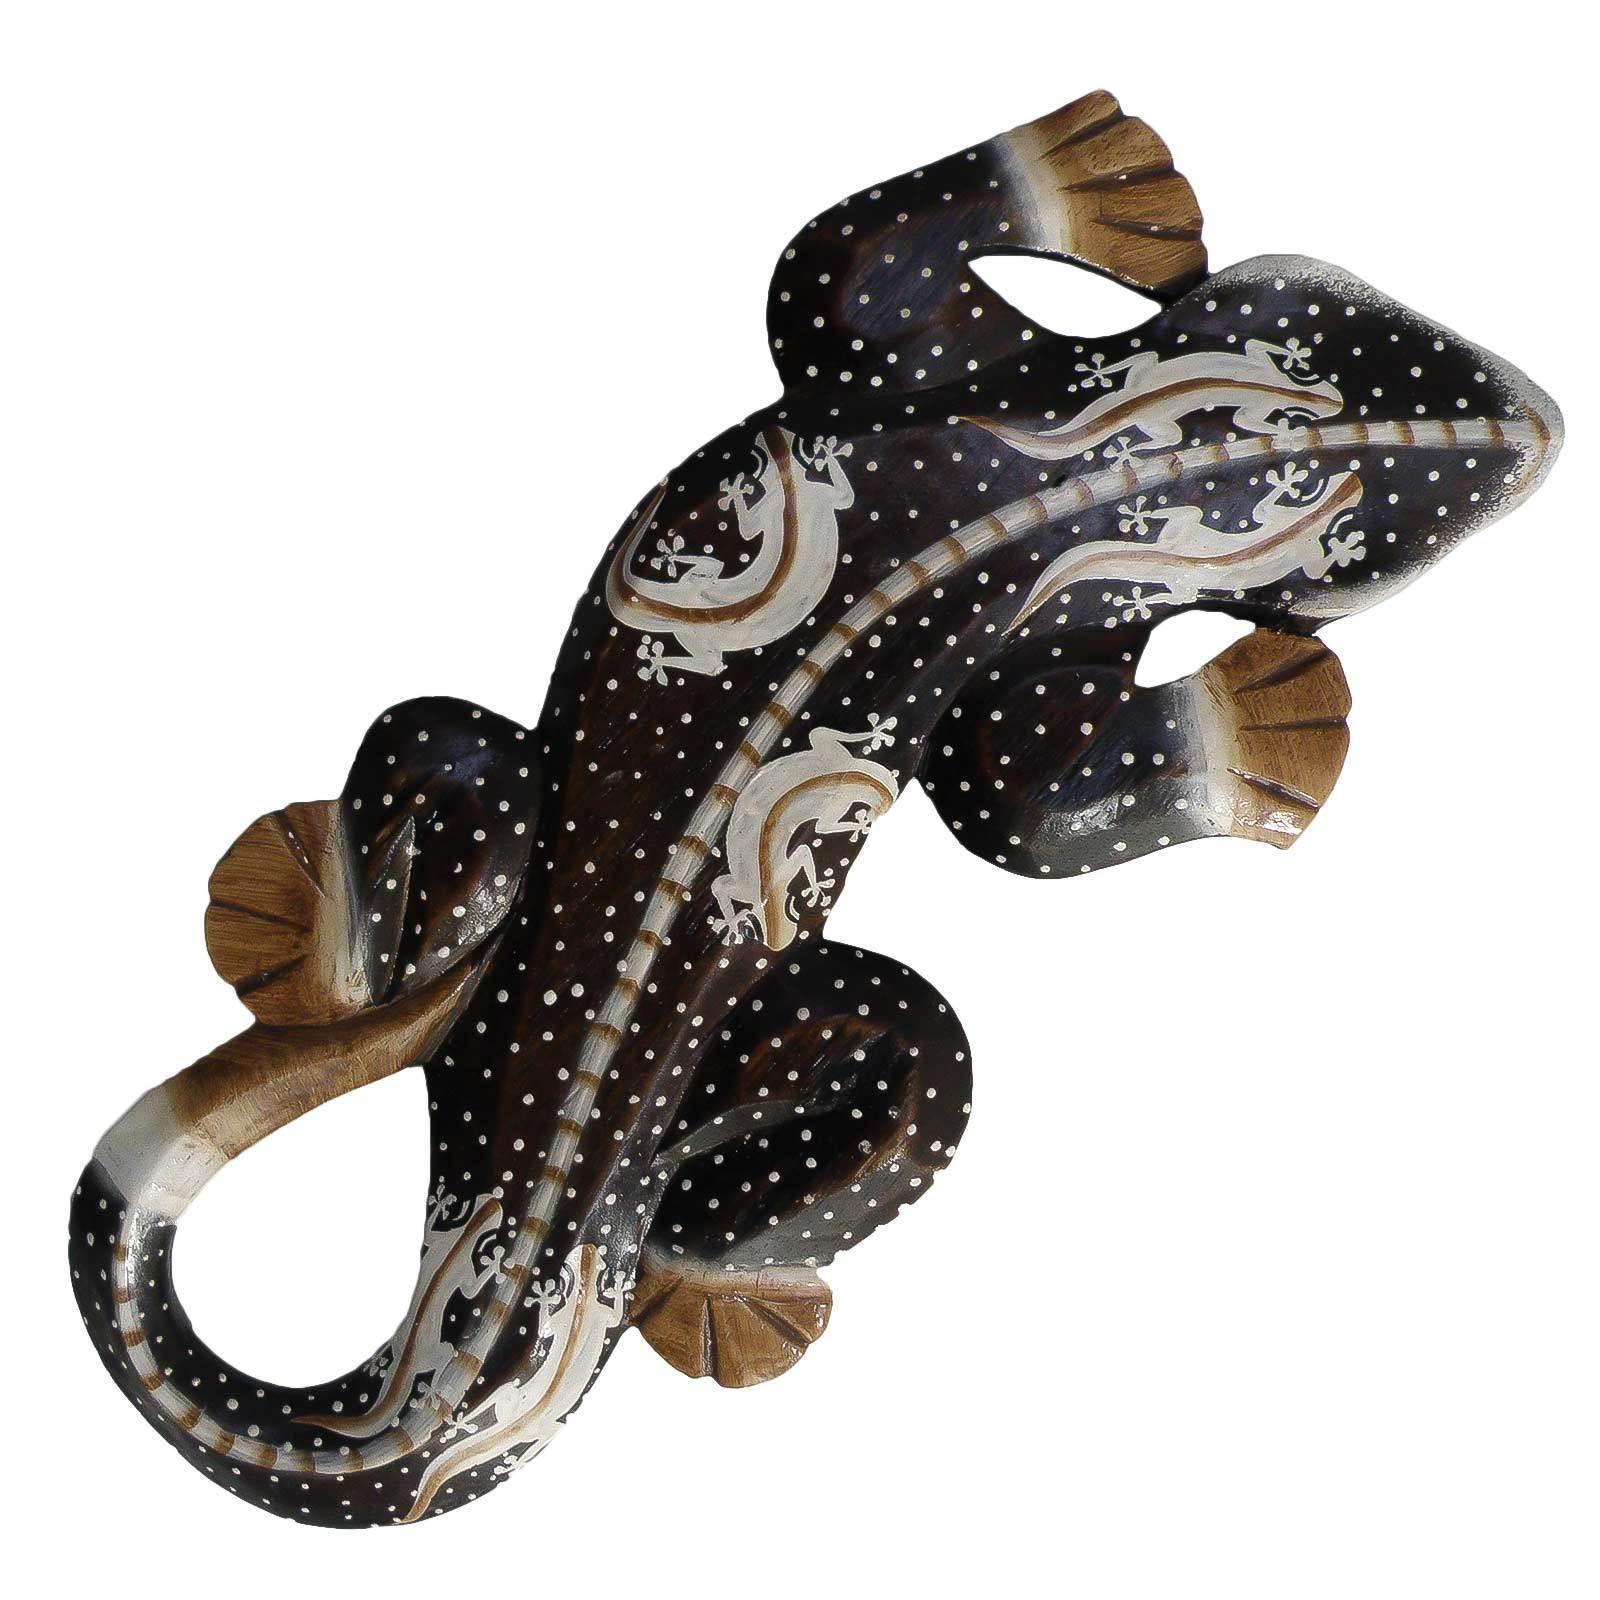 100cm Wanddeko Holzfigur Gecko Echse Salamander grün braun Dot-Paint L